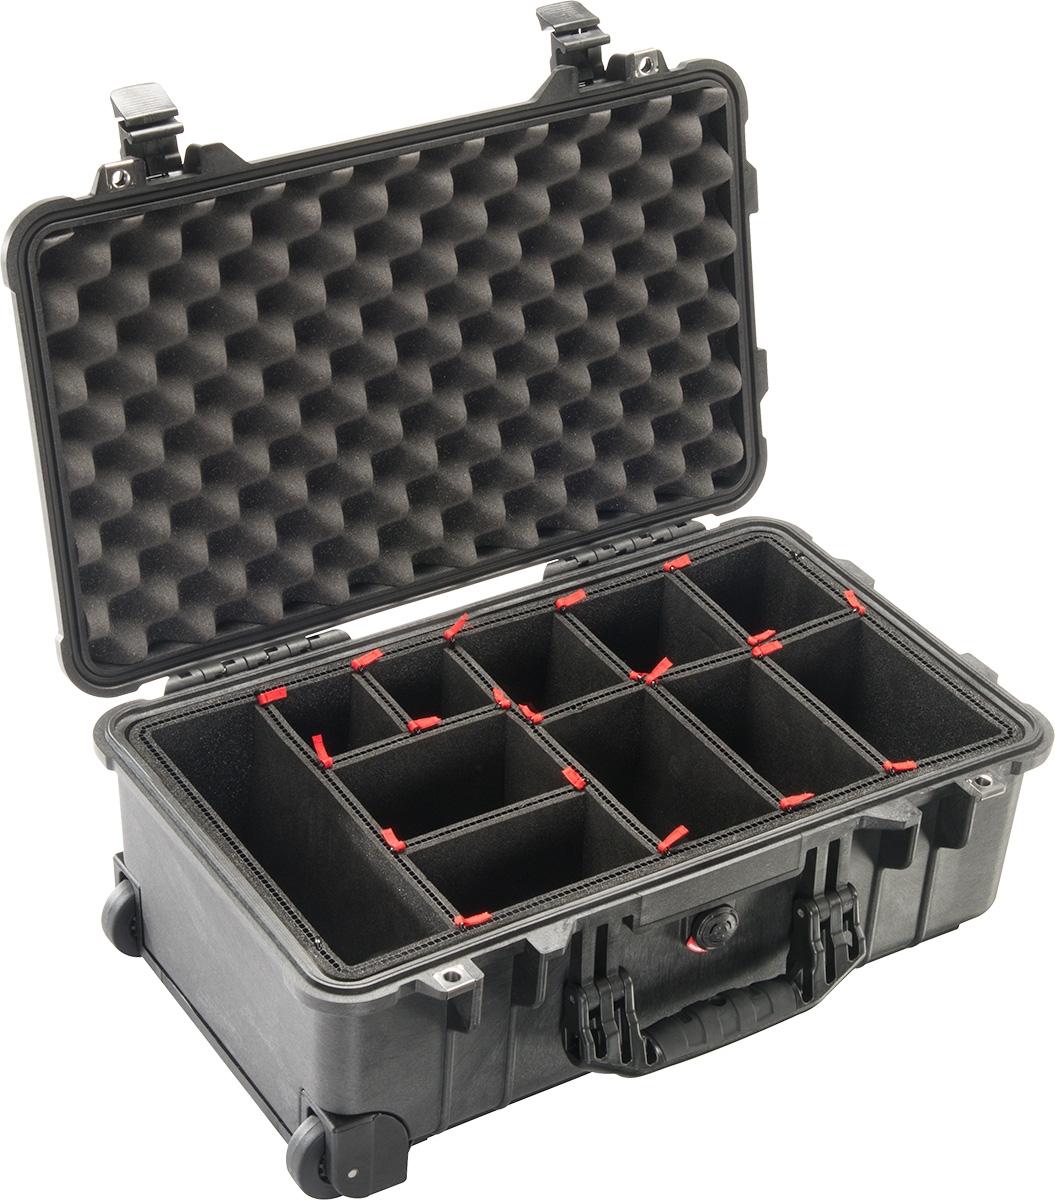 Pelican™ 1510 Case with TrekPak